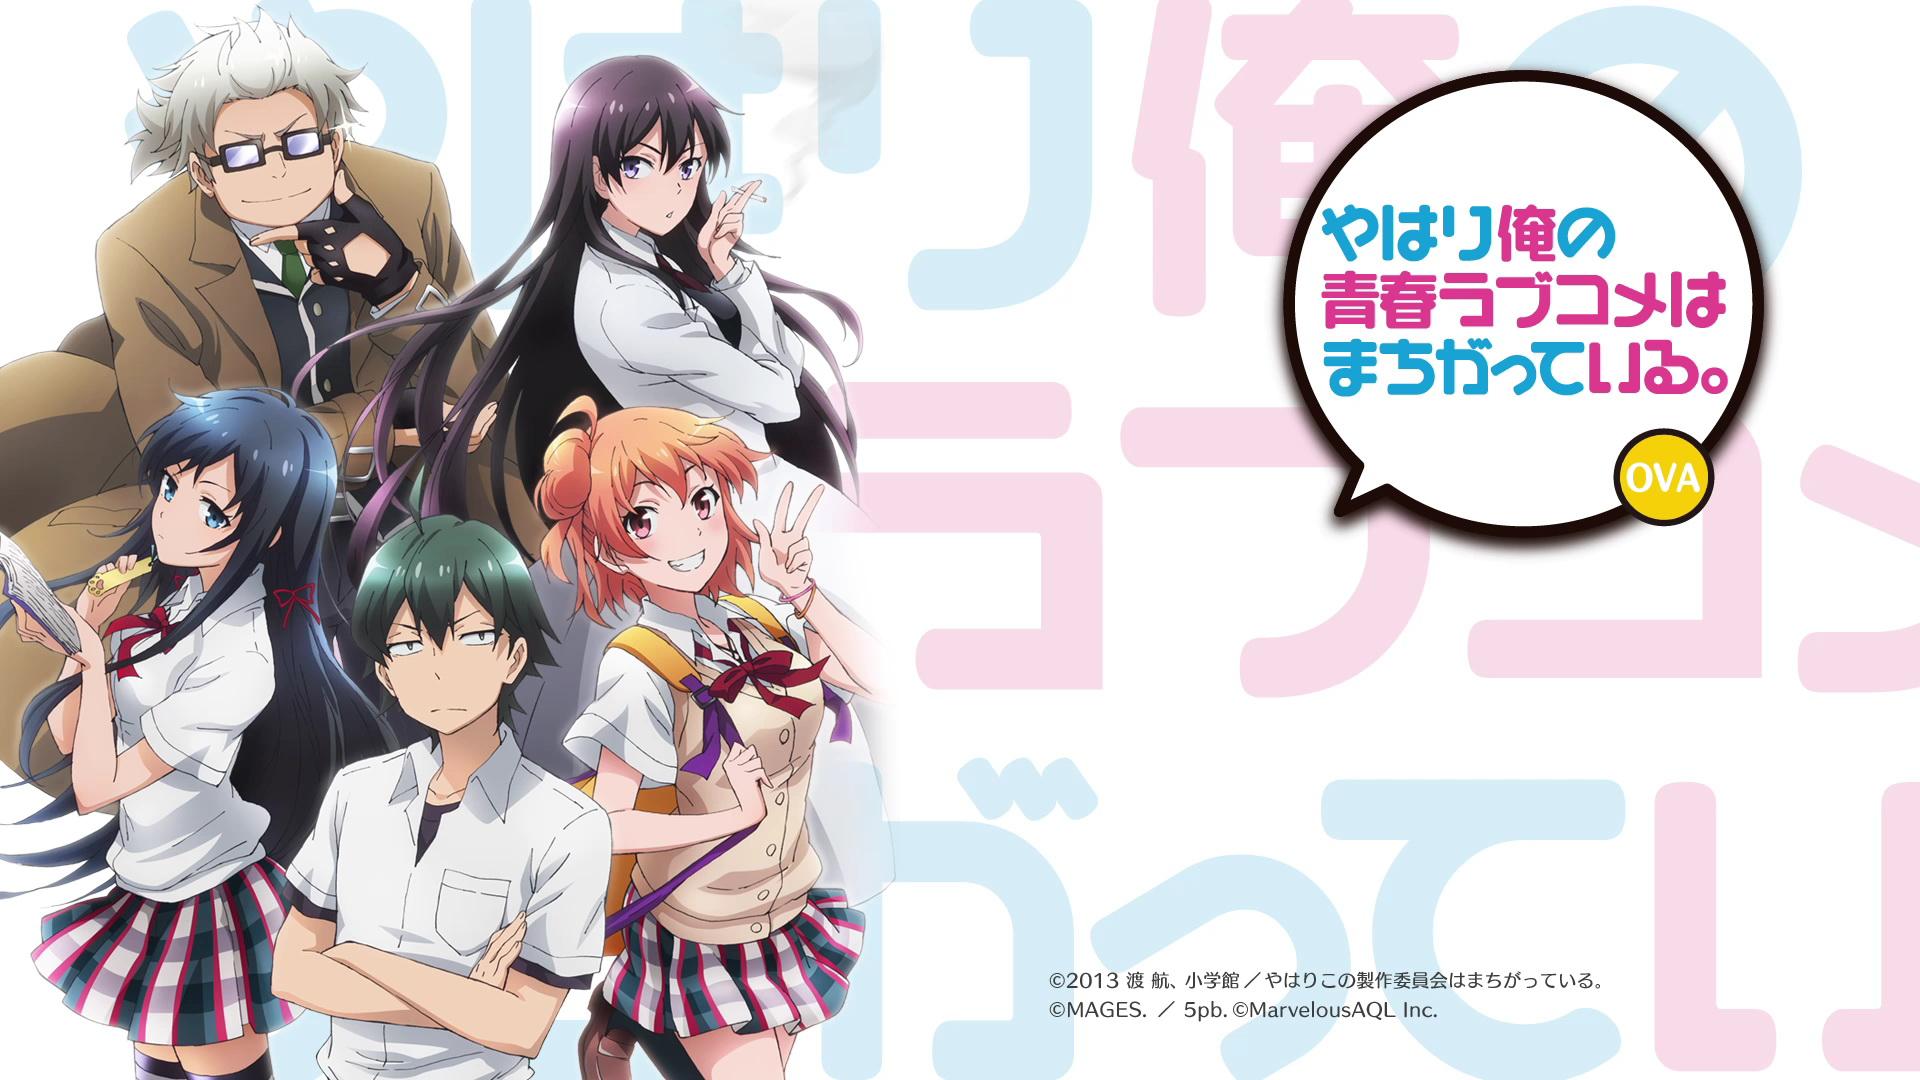 มีใครรอดูเรื่อง Yahari Ore no Seishun Love Comedy wa Machigatteiru ภาค 2 อยู่บ้างไหมครับ